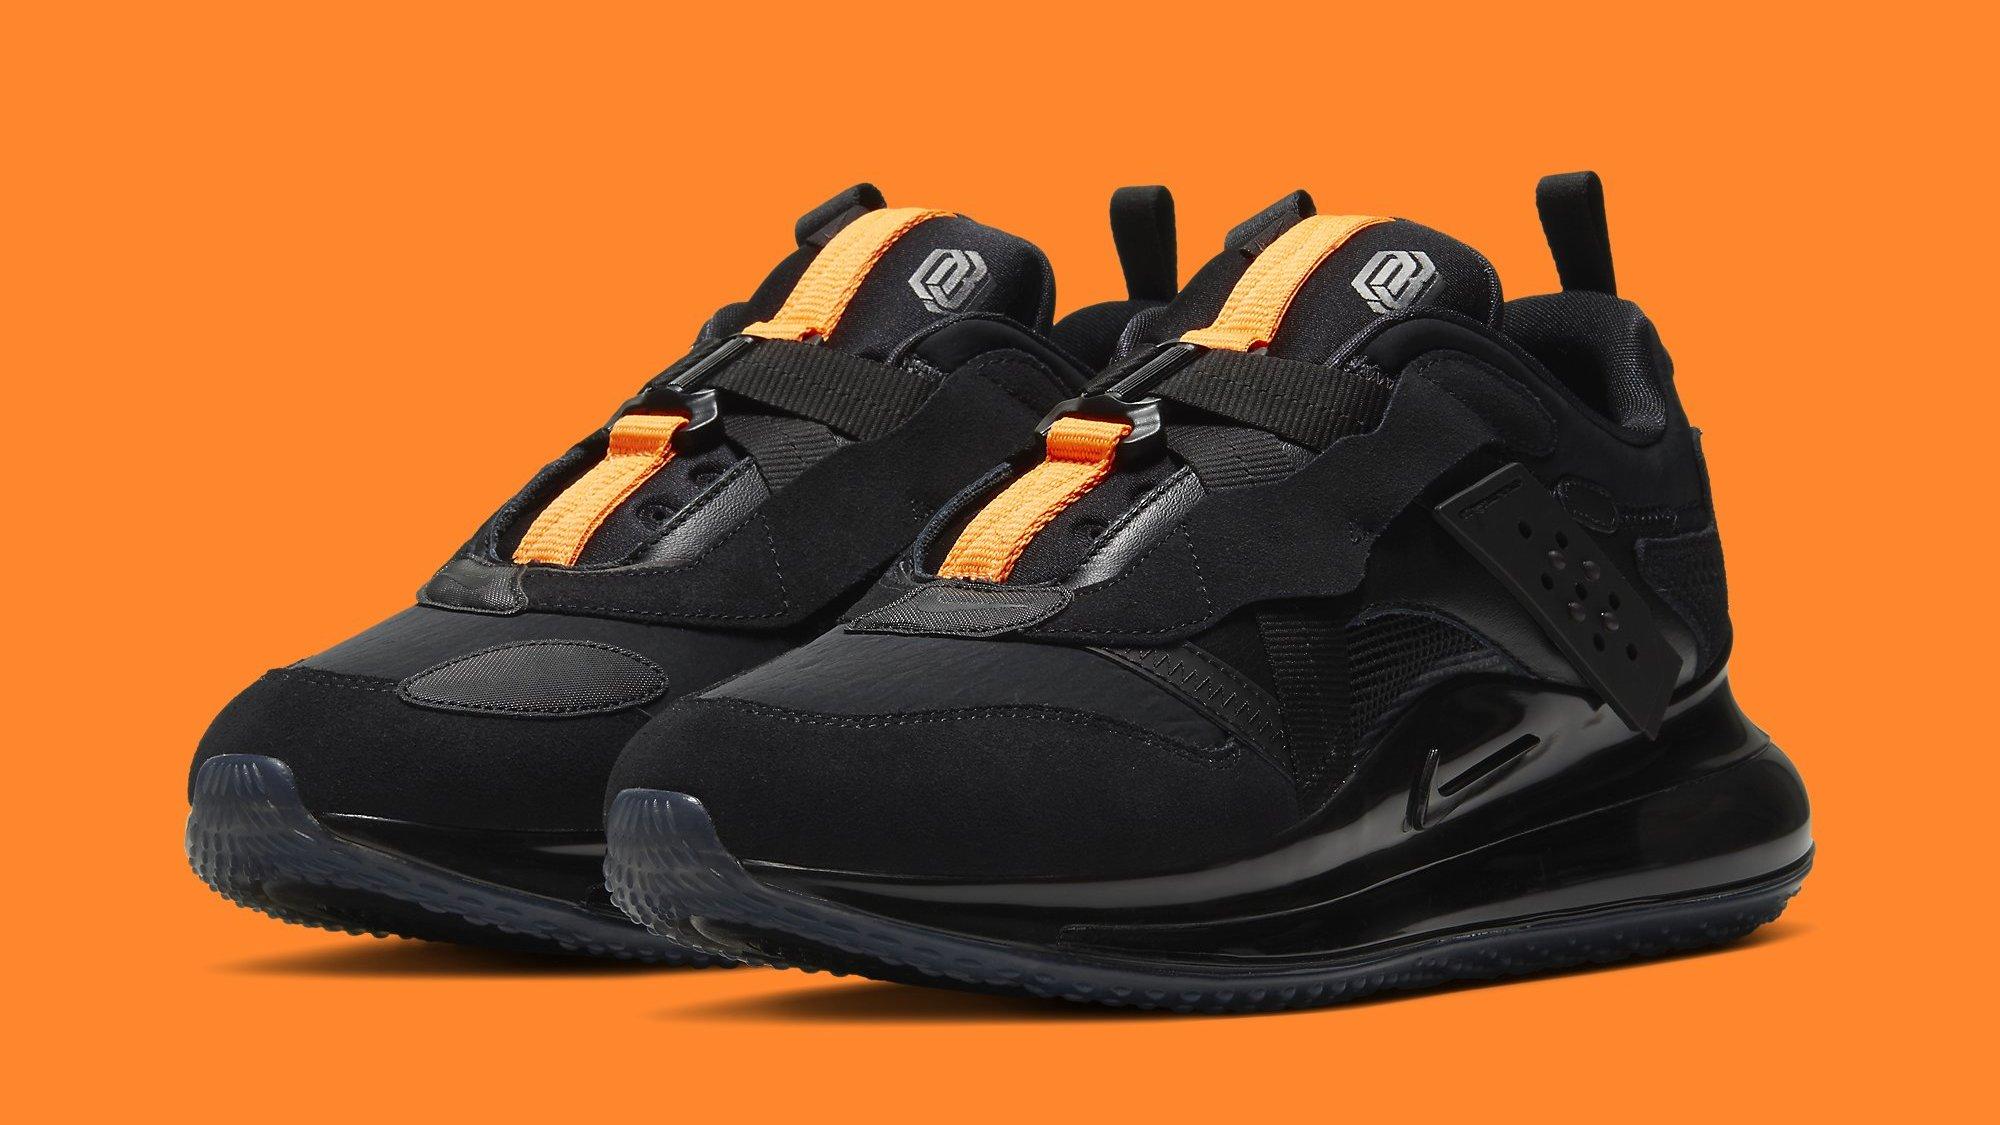 Tacto Injusto Hassy  Nike Air Max 720 Slip OBJ Release Date DA4155-001 | Sole Collector